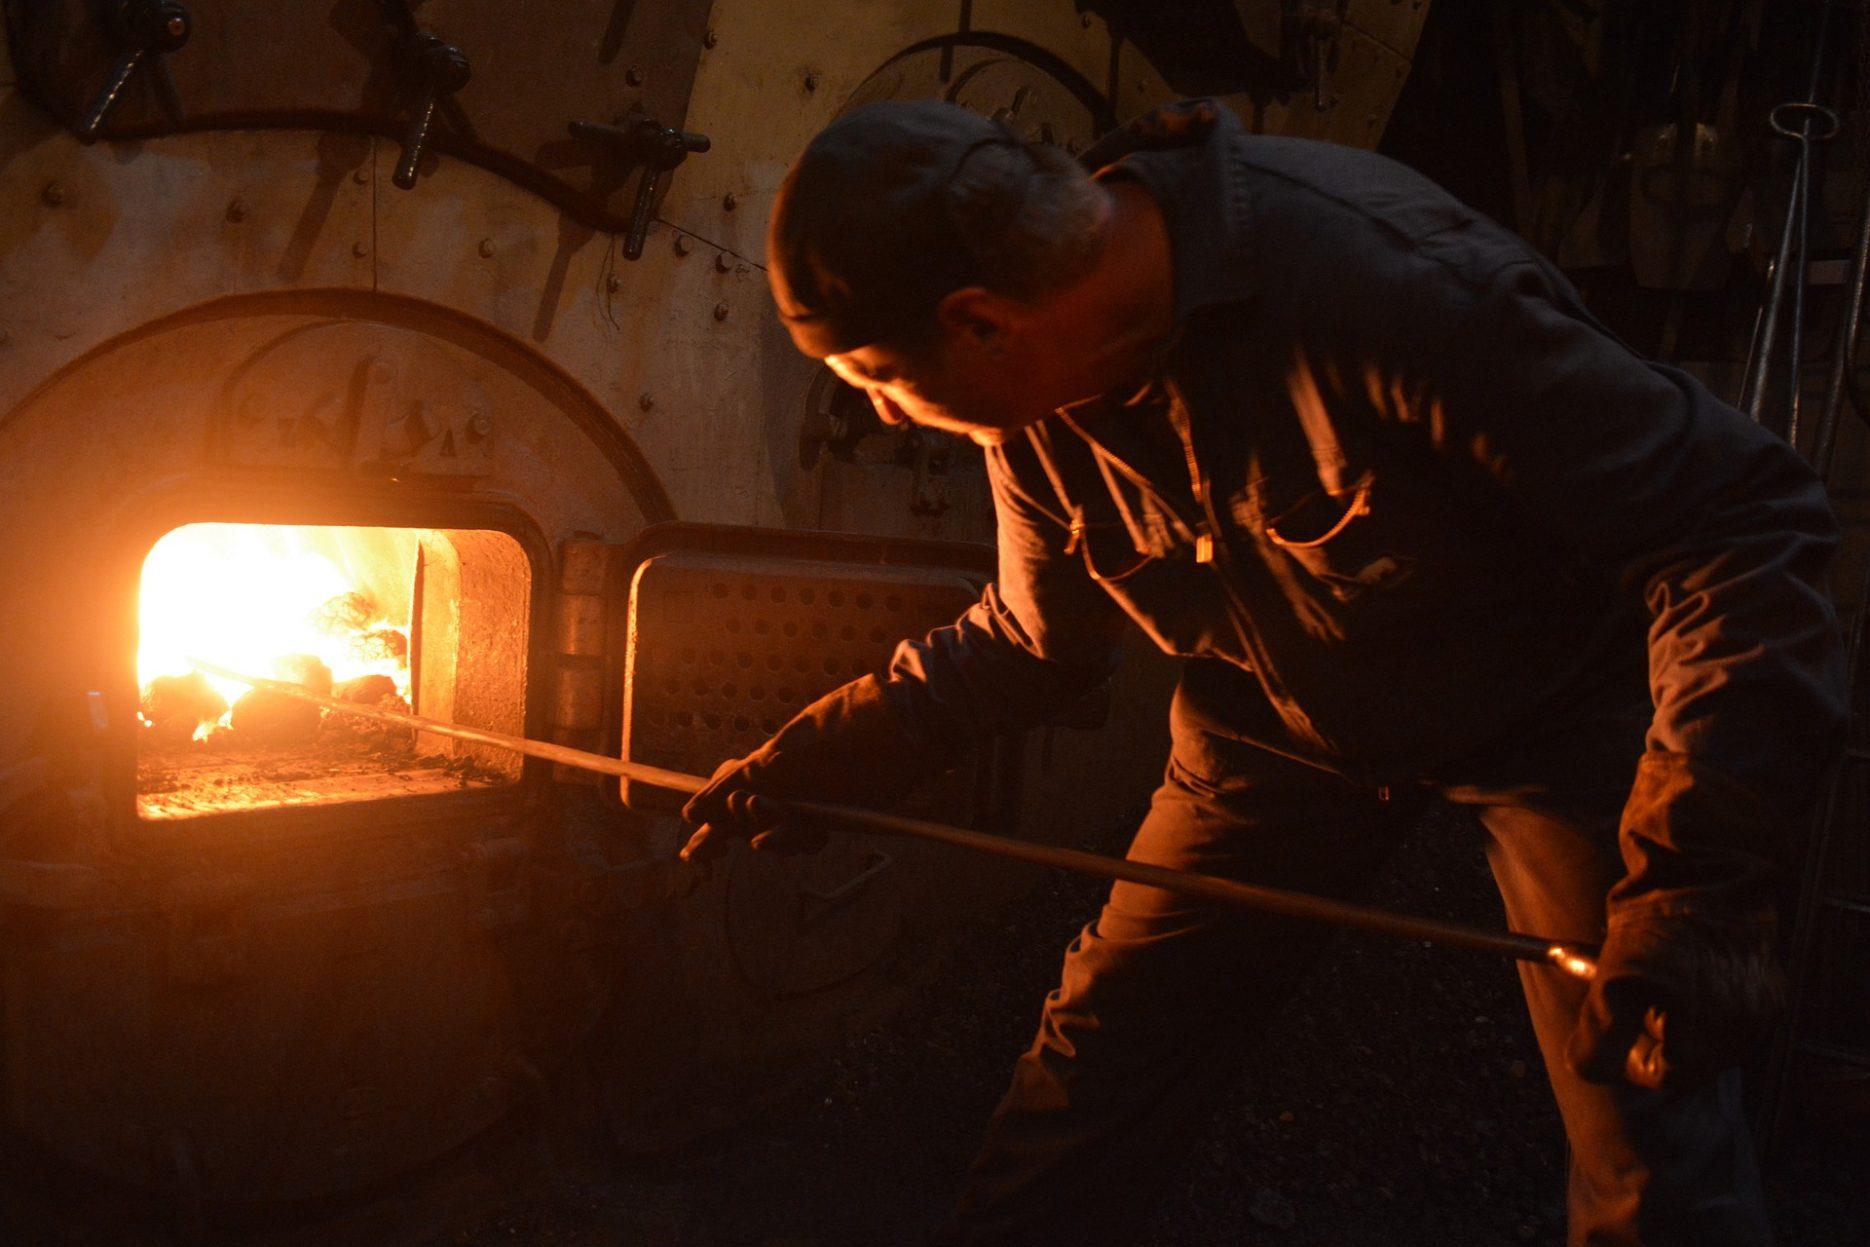 Dampfmaschine Feuer